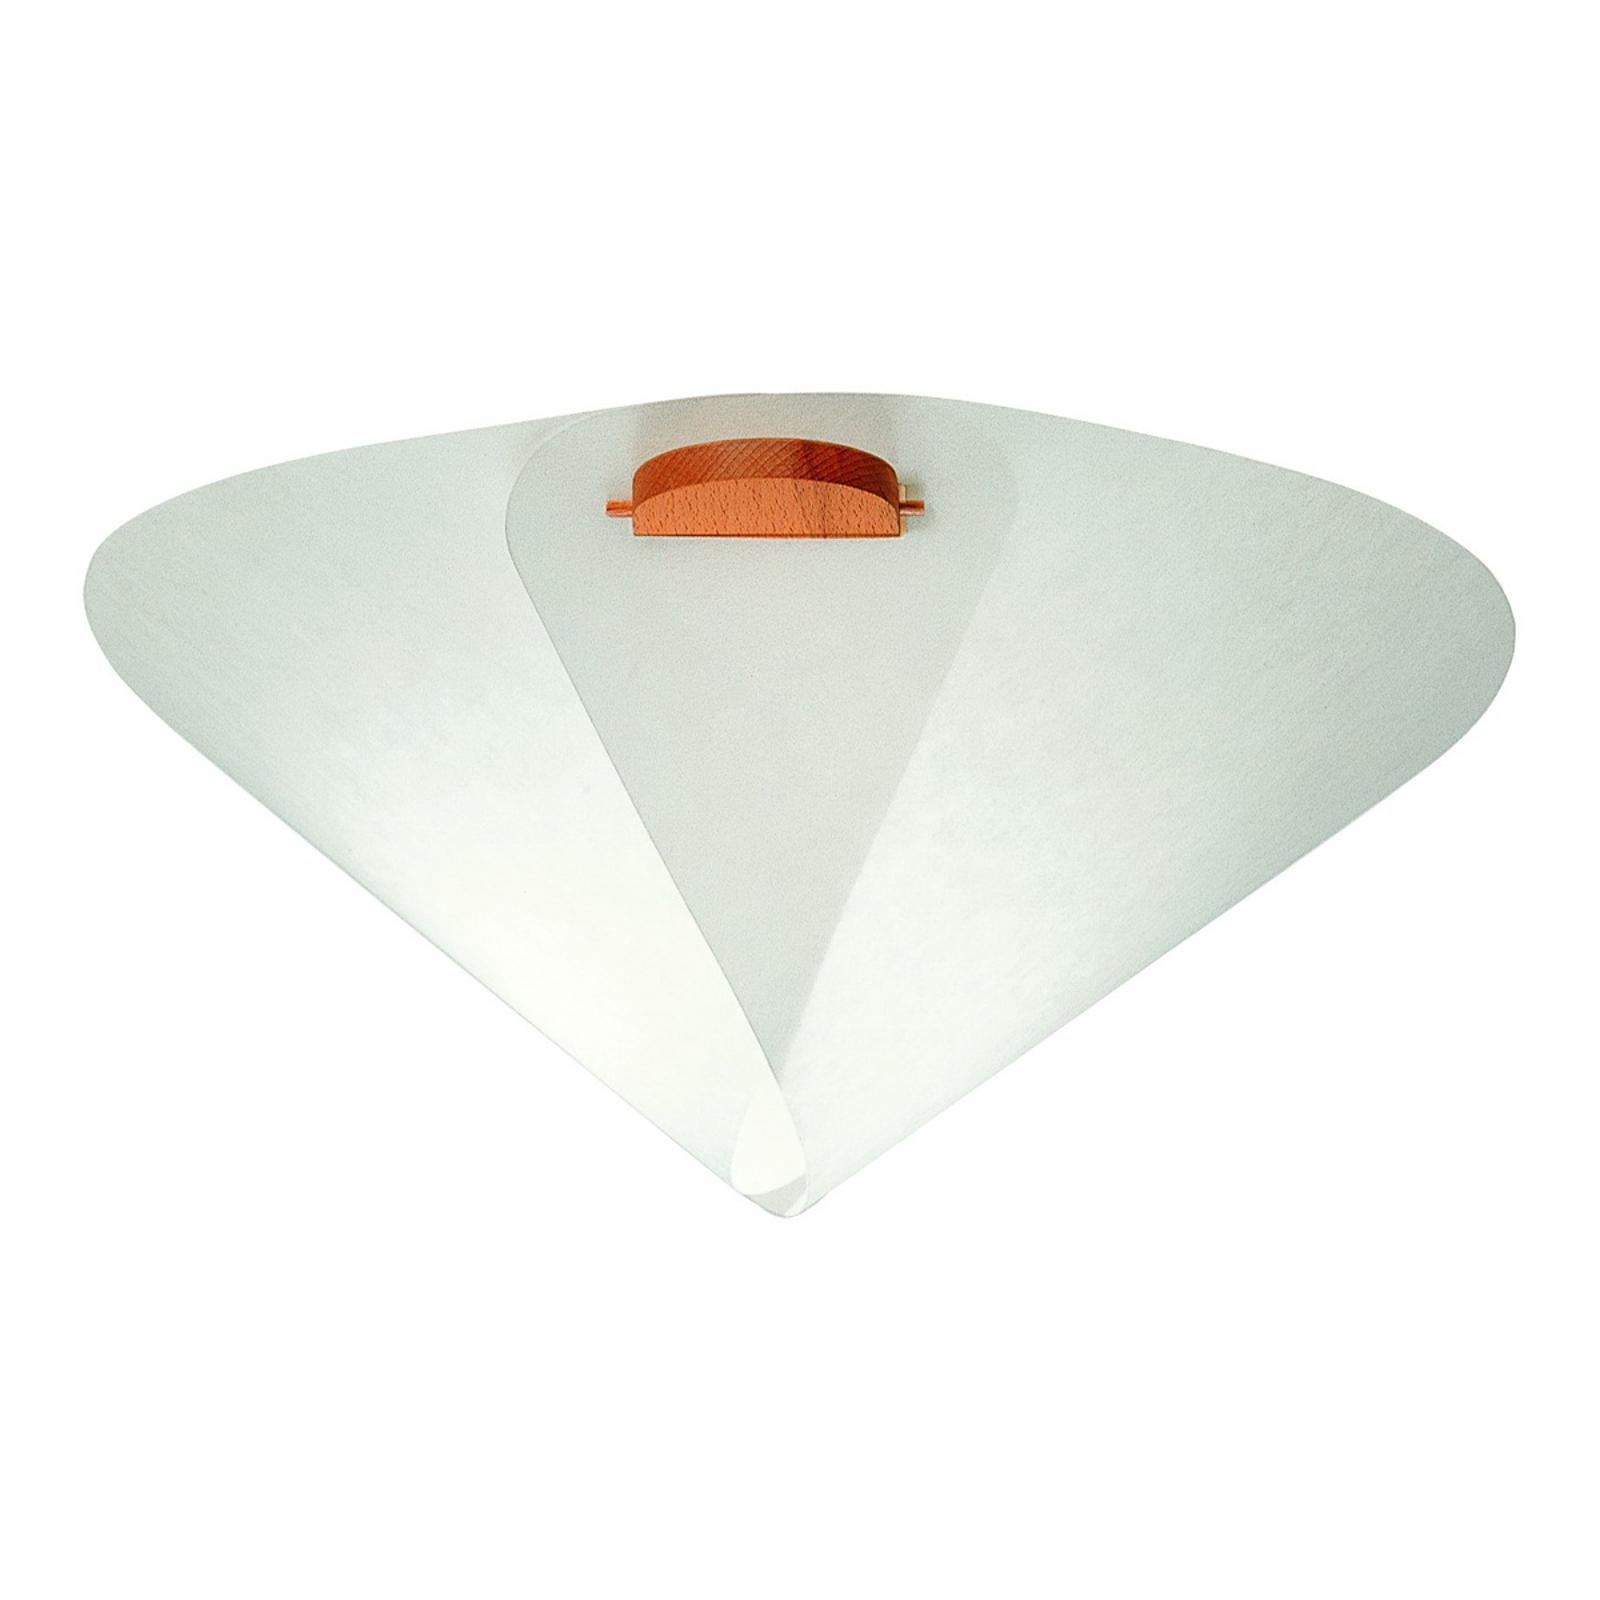 Designové stropní světlo tvaru kužele IRIS